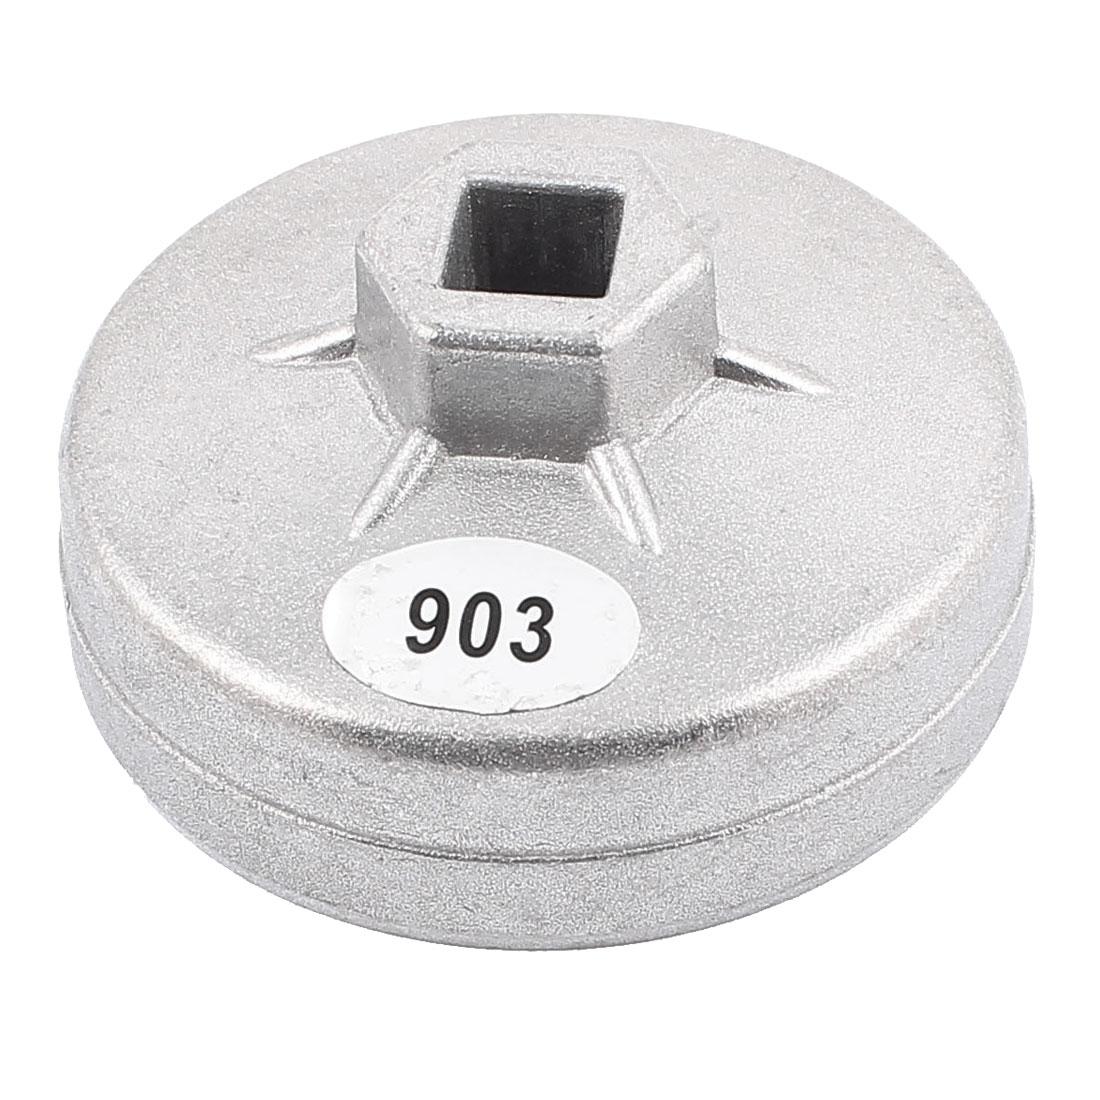 Car Aluminum Alloy 14 Flutes Oil Filter Wrench Cap Socket Tool